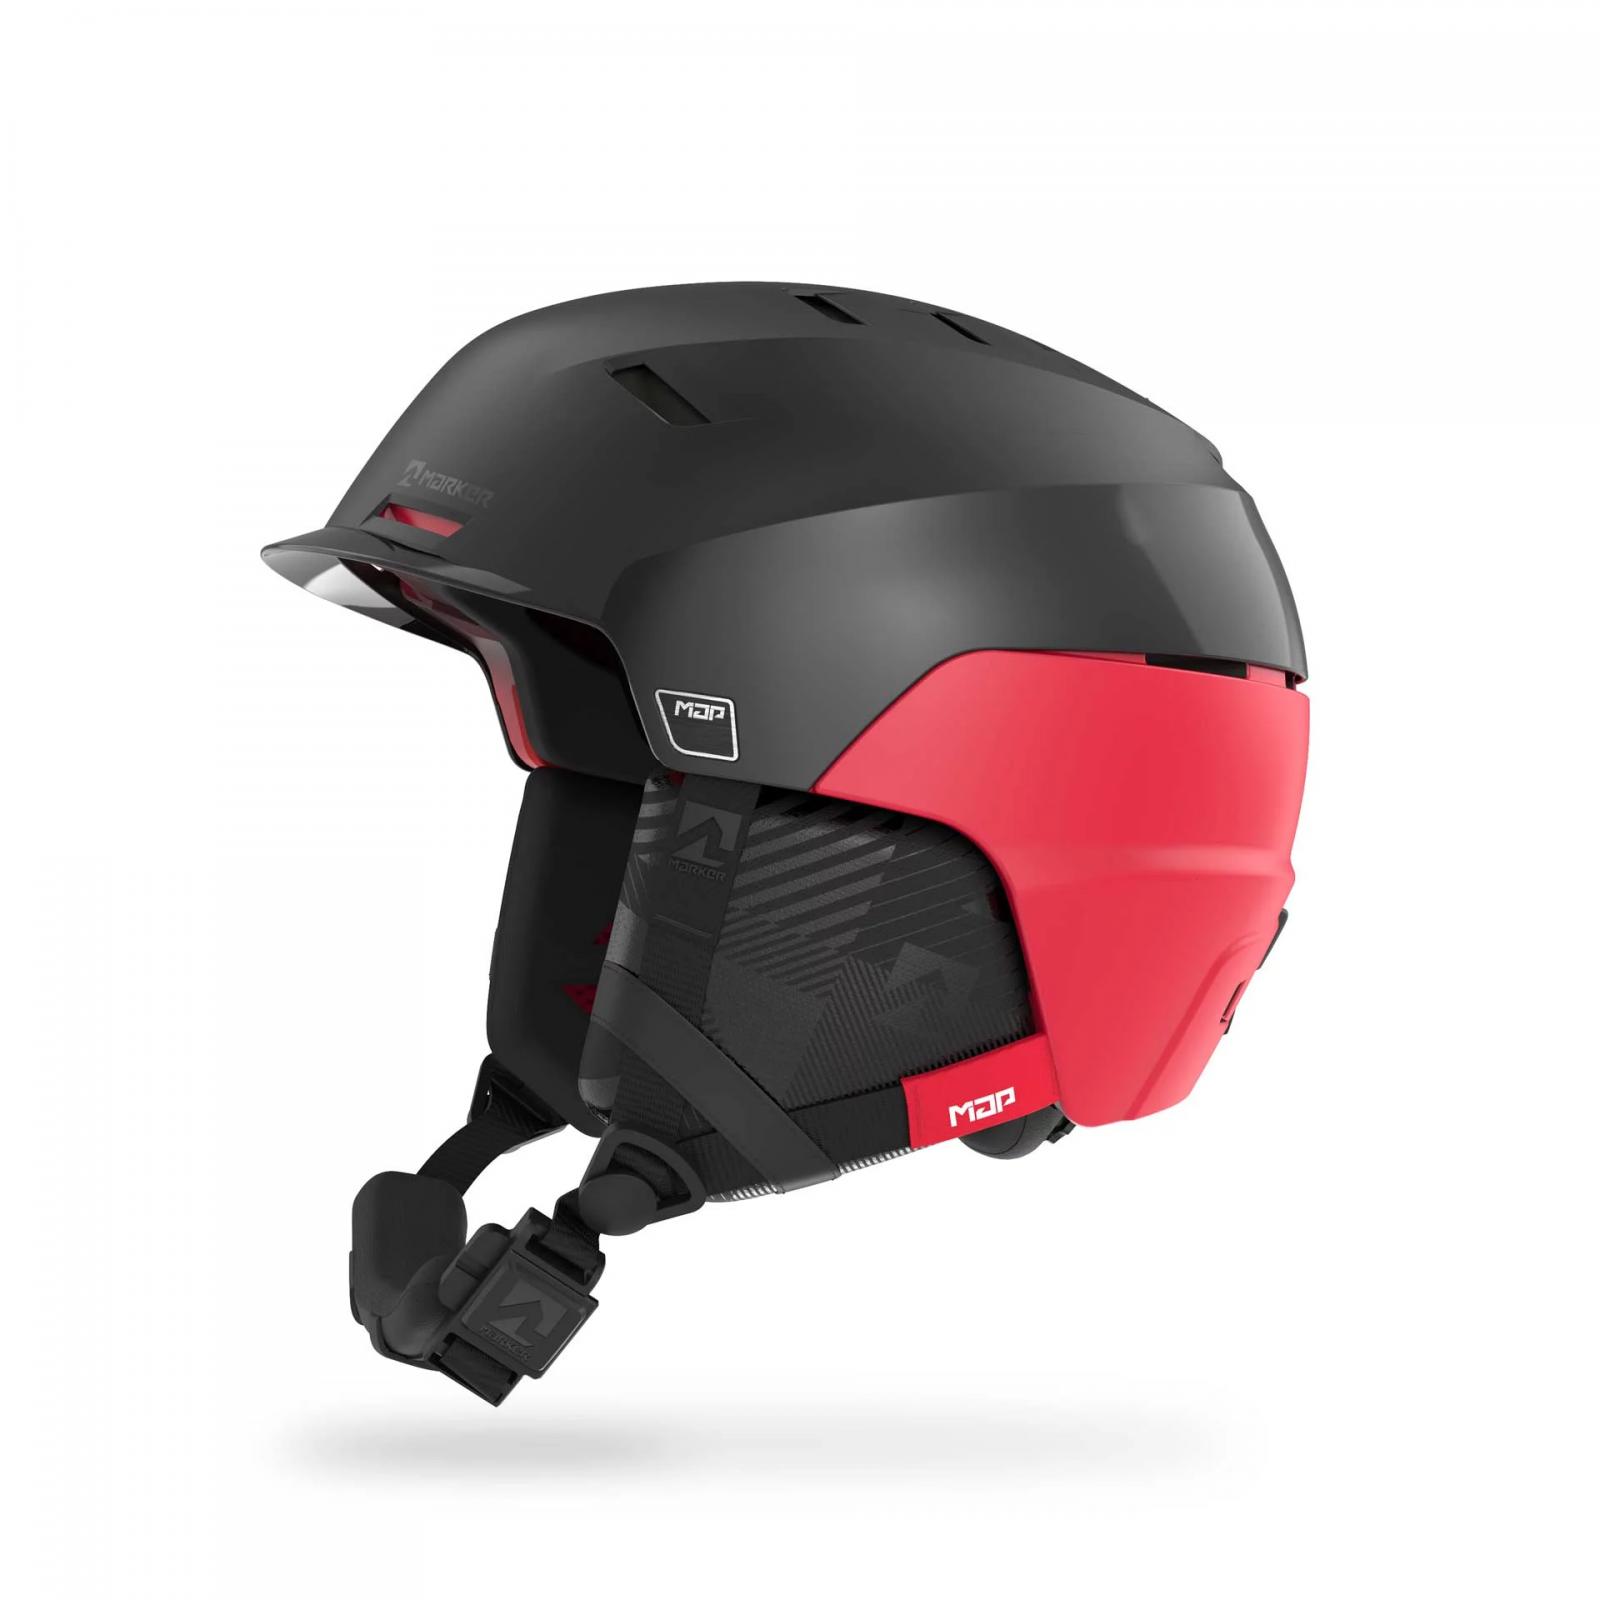 Marker Phoenix MAP Helmet 2021